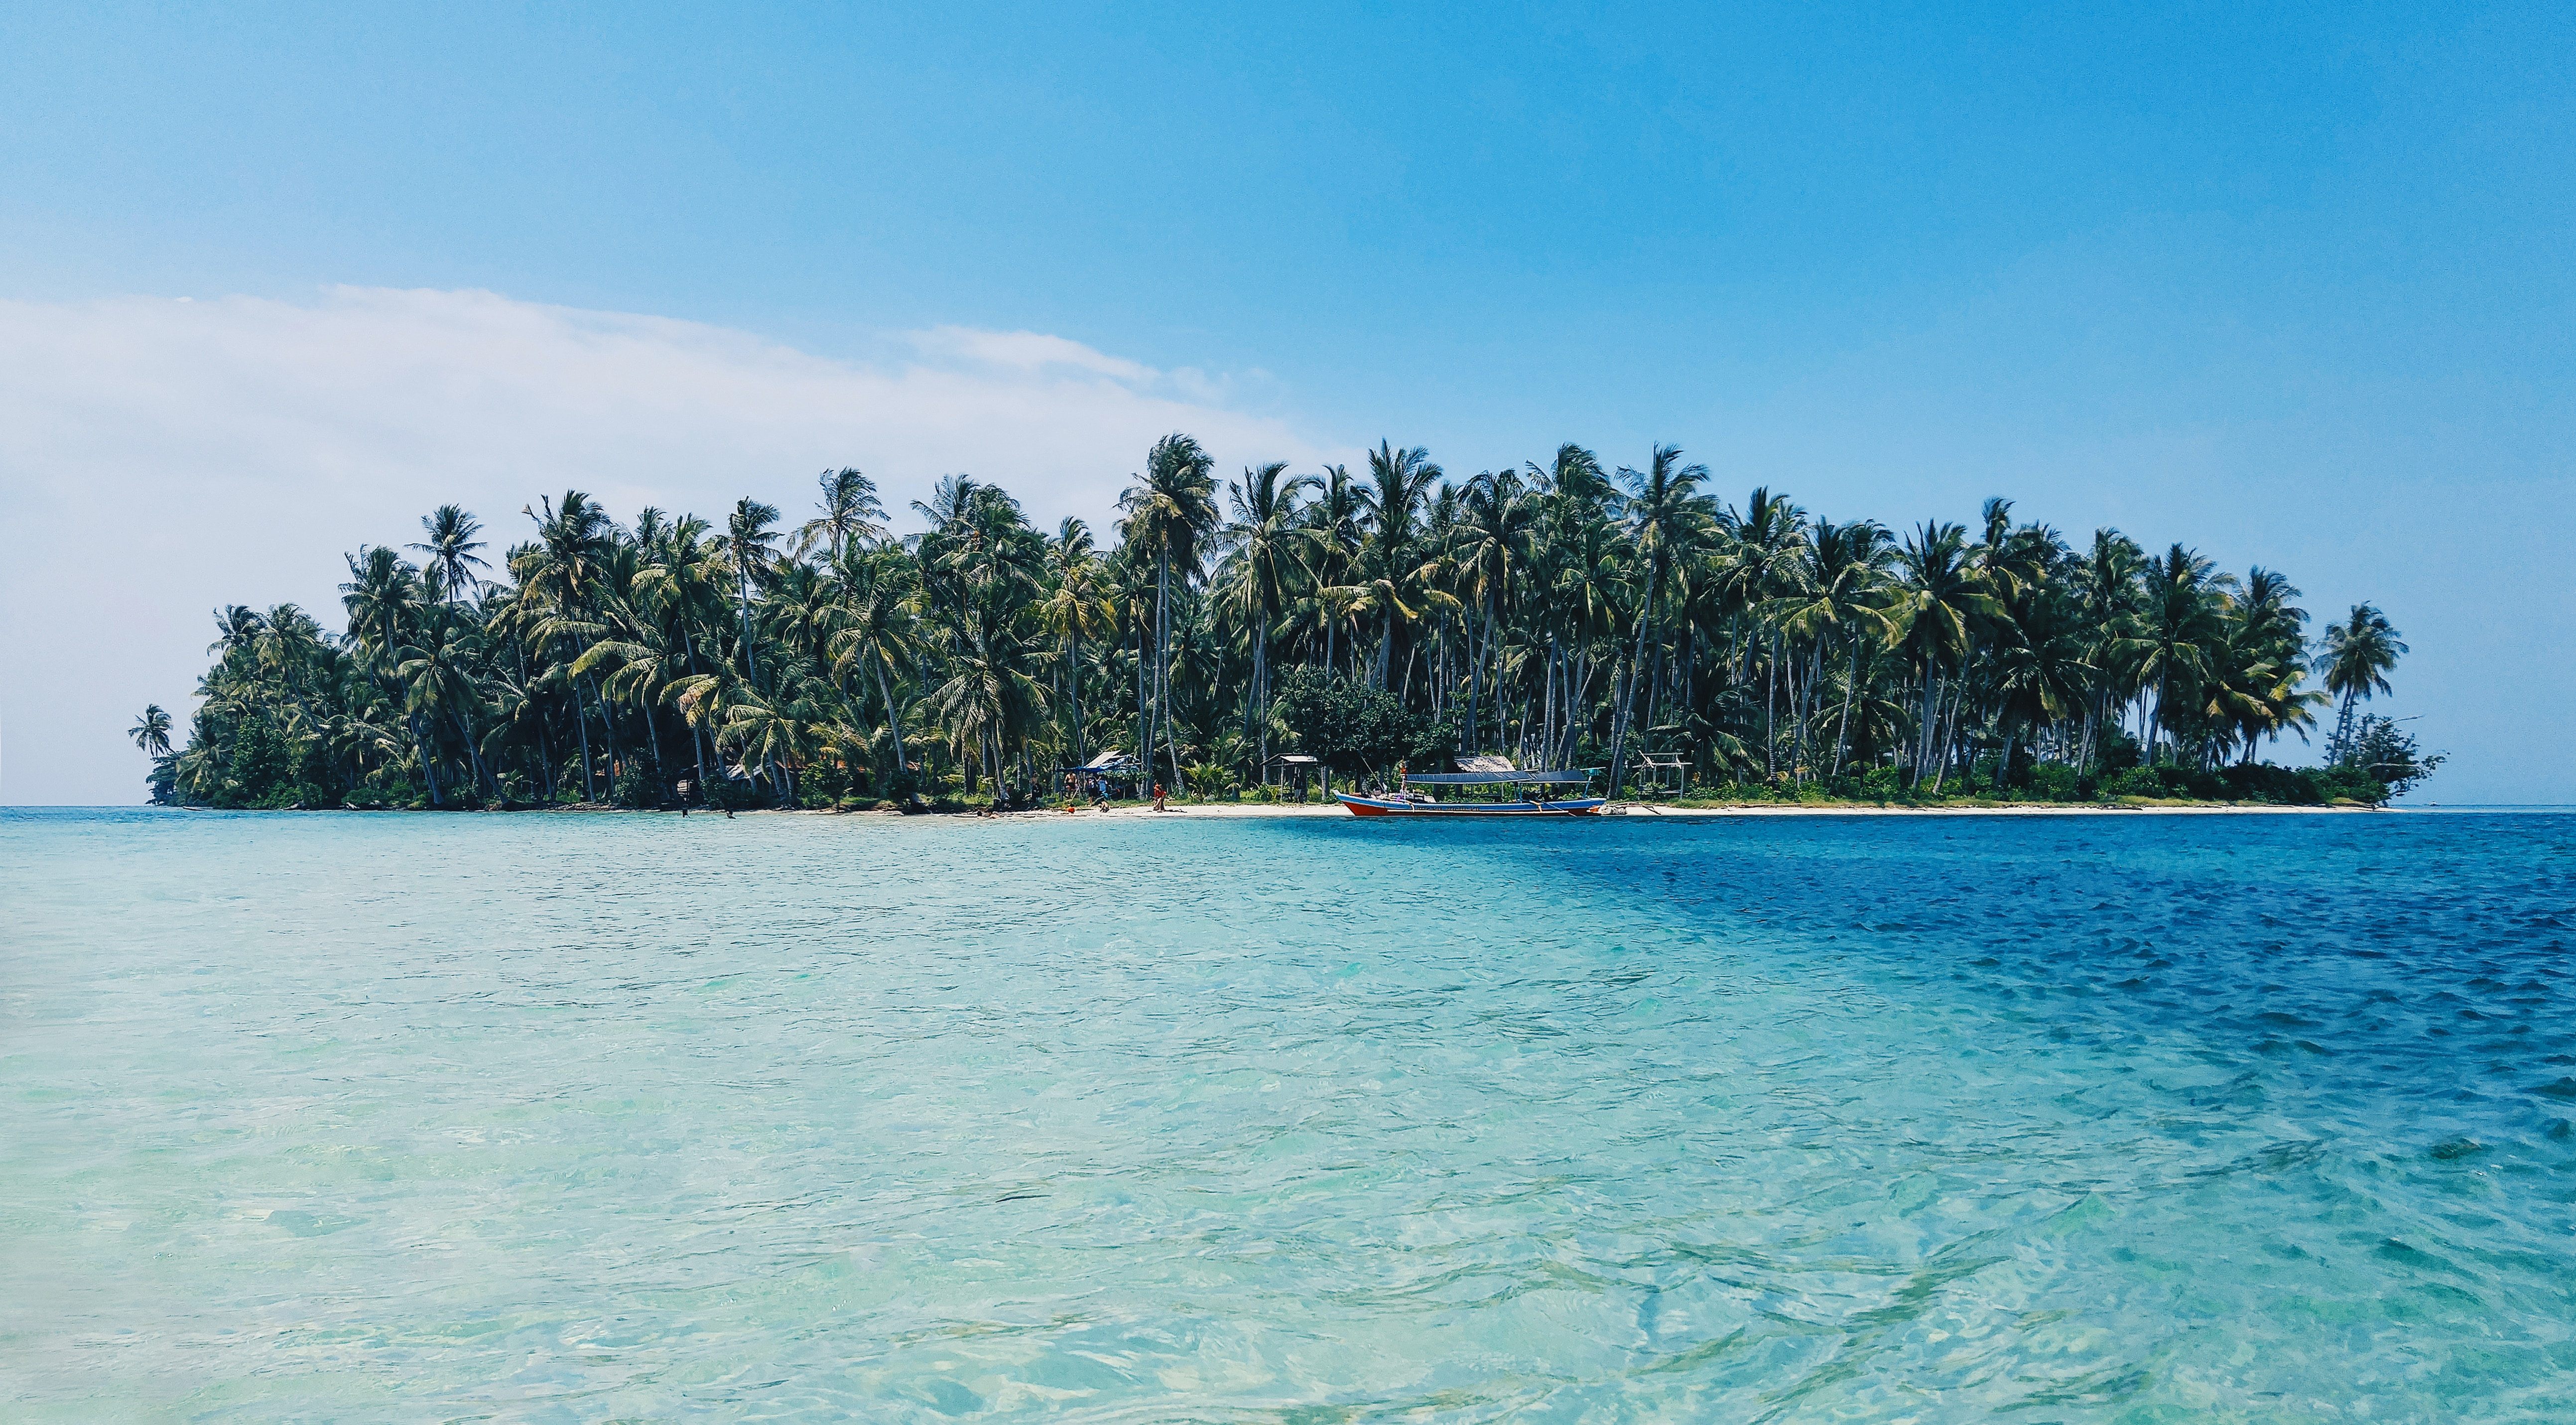 Insel auf dem Meer